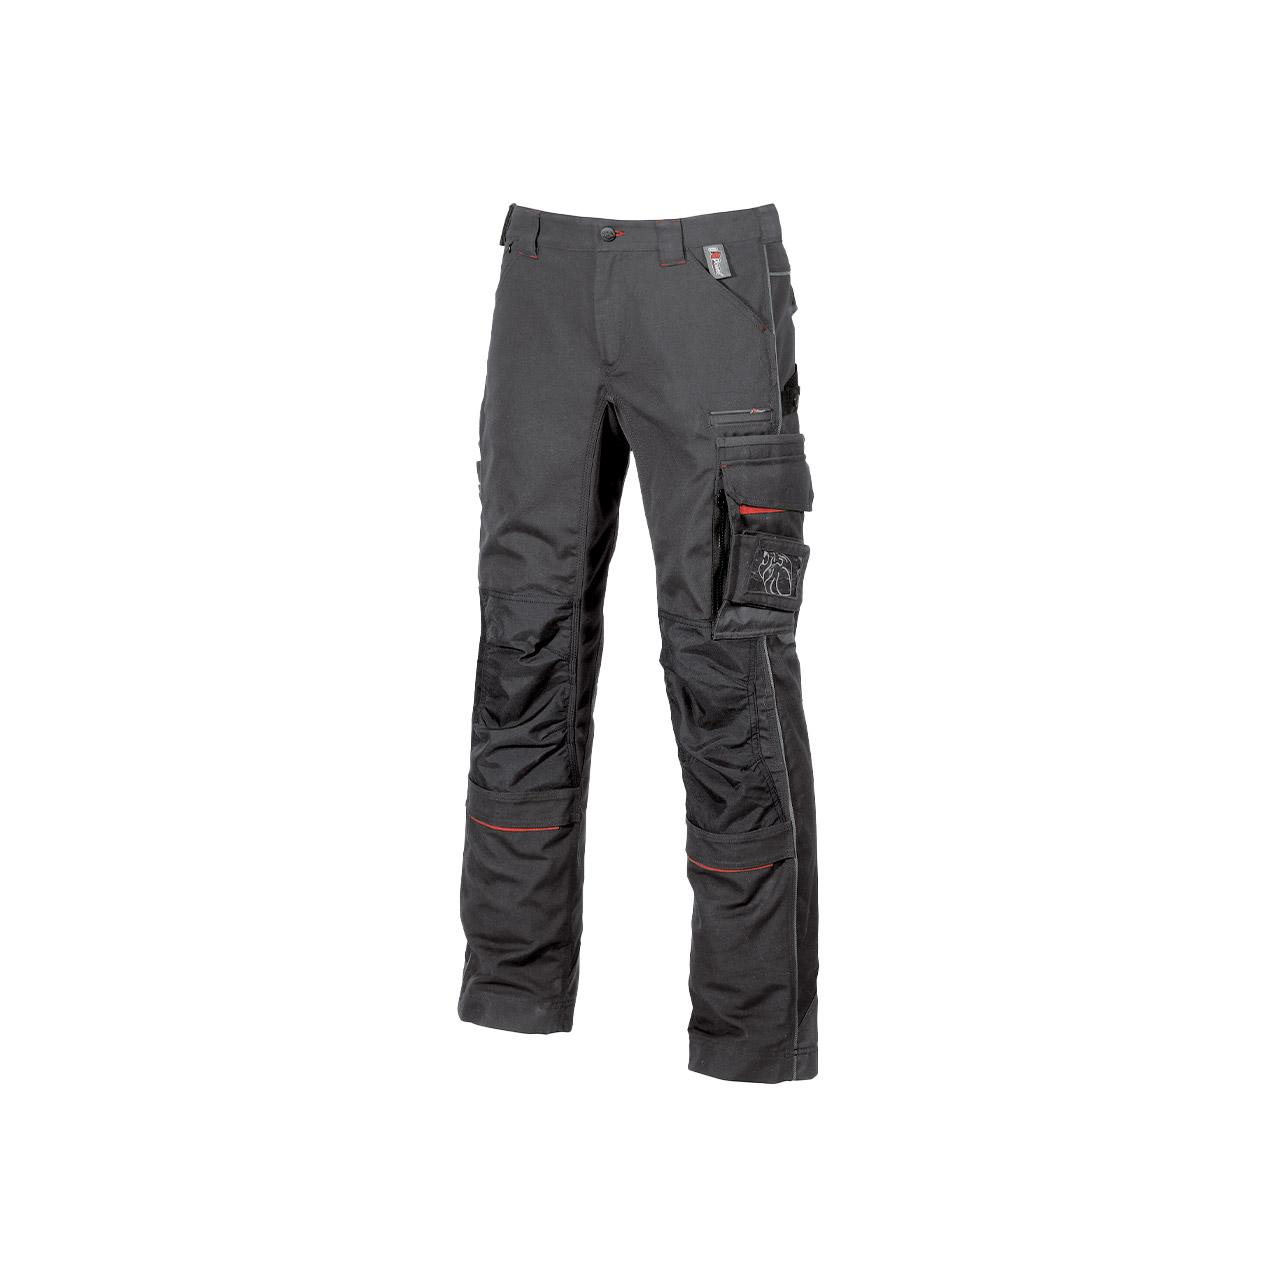 pantalone da lavoro upower modello drift colore grey me